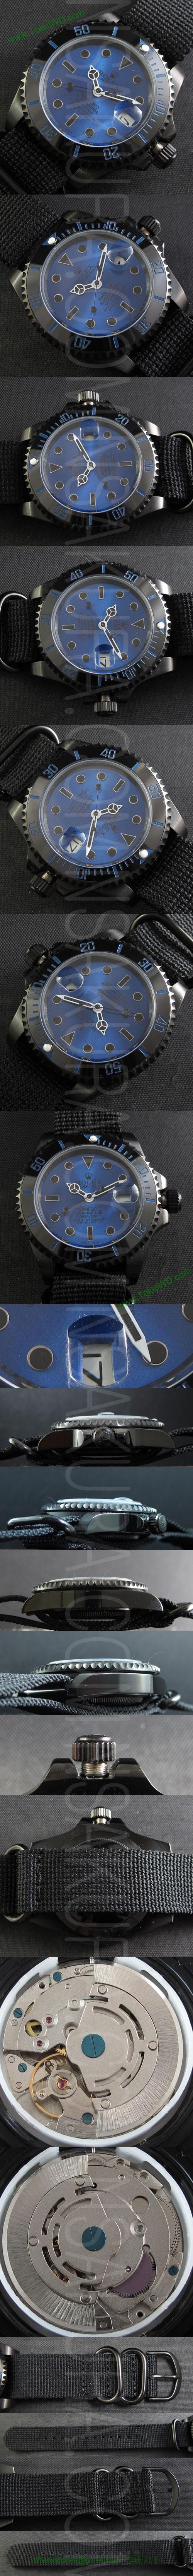 ロレックス 2015AJS389FDA コピー 時計